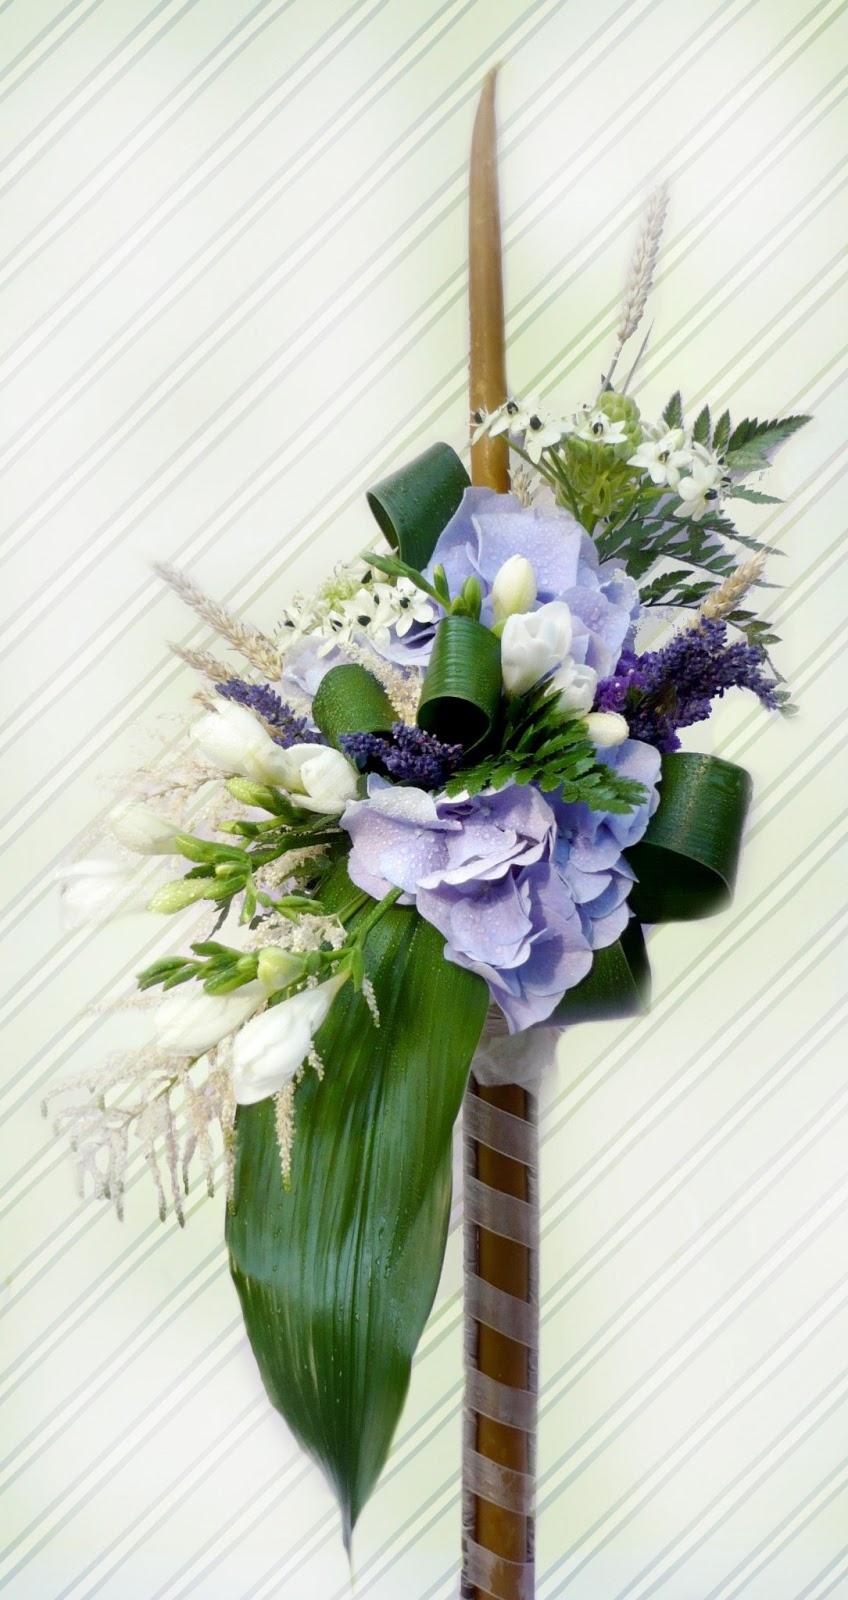 Lumanare De Botez Din Ceara Naturala Retro Flower Aranjamente